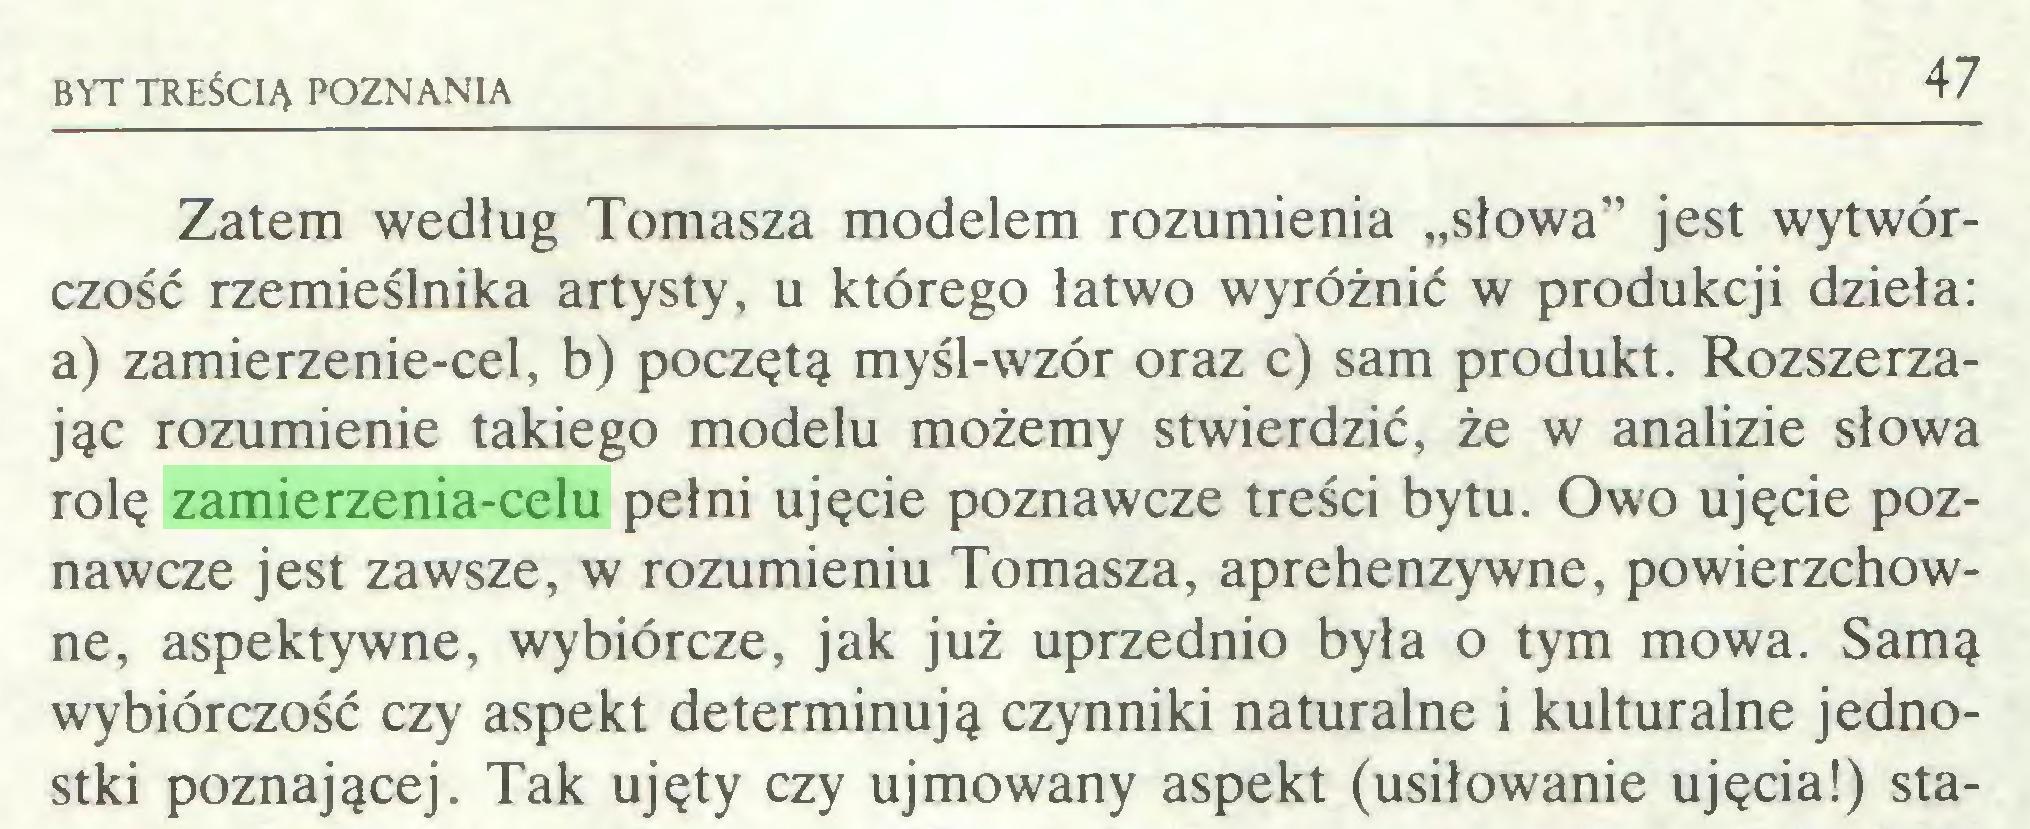 """(...) BYT TREŚCIĄ POZNANIA 47 Zatem według Tomasza modelem rozumienia """"słowa"""" jest wytwórczość rzemieślnika artysty, u którego łatwo wyróżnić w produkcji dzieła: a) zamierzenie-cel, b) poczętą myśl-wzór oraz c) sam produkt. Rozszerzając rozumienie takiego modelu możemy stwierdzić, że w analizie słowa rolę zamierzenia-celu pełni ujęcie poznawcze treści bytu. Owo ujęcie poznawcze jest zawsze, w rozumieniu Tomasza, aprehenzywne, powierzchowne, aspektywne, wybiórcze, jak już uprzednio była o tym mowa. Samą wybiórczość czy aspekt determinują czynniki naturalne i kulturalne jednostki poznającej. Tak ujęty czy ujmowany aspekt (usiłowanie ujęcia!) sta..."""